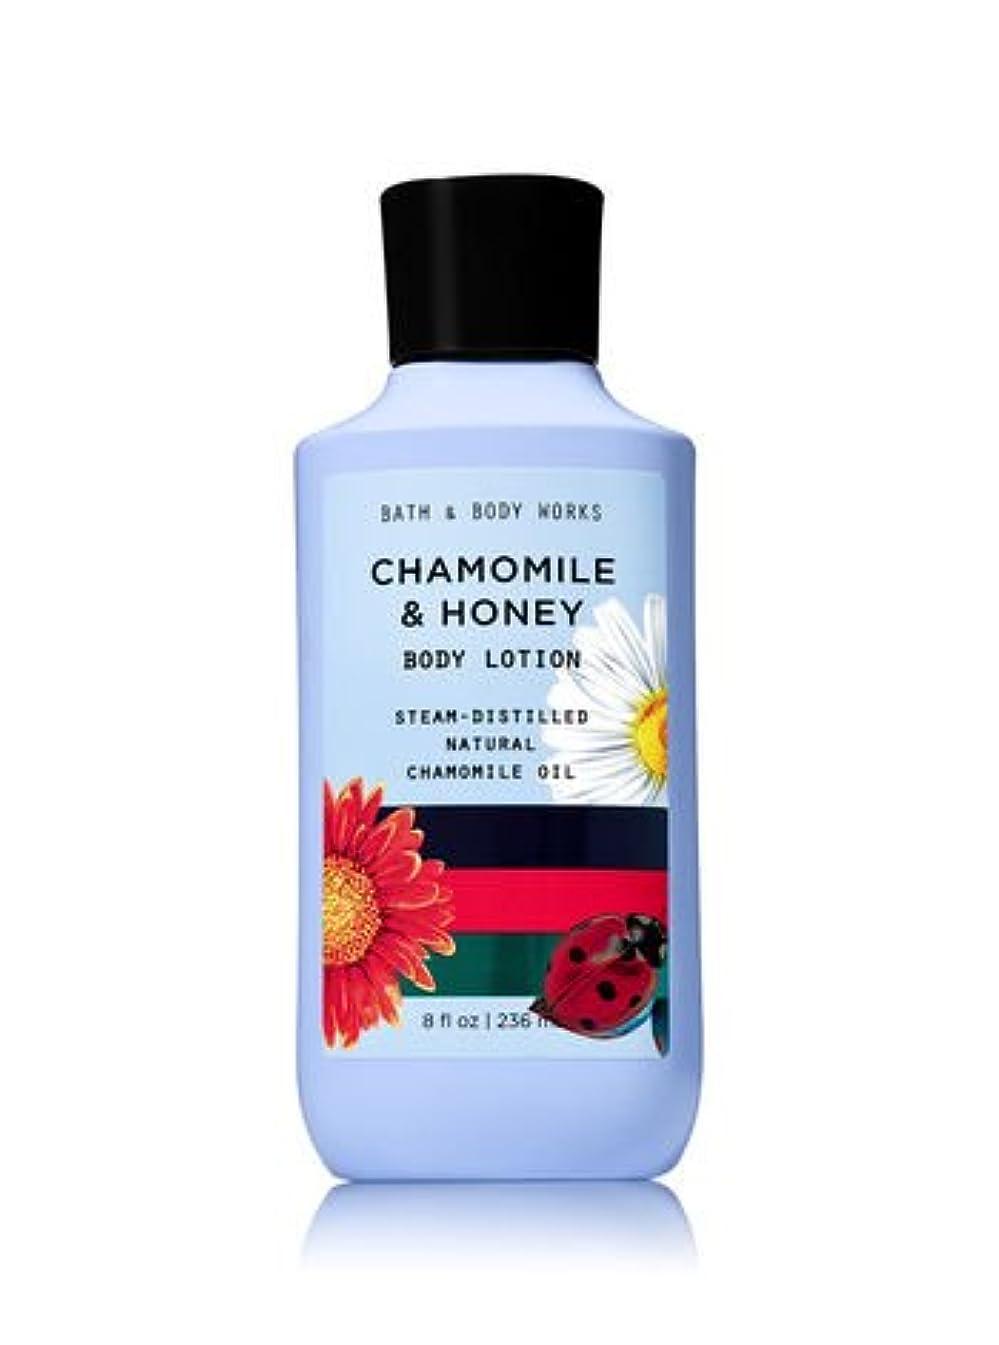 実験的想像する今後【Bath&Body Works/バス&ボディワークス】 ボディローション カモミール&ハニー Body Lotion Chamomile & Honey 8 fl oz/236 mL [並行輸入品]